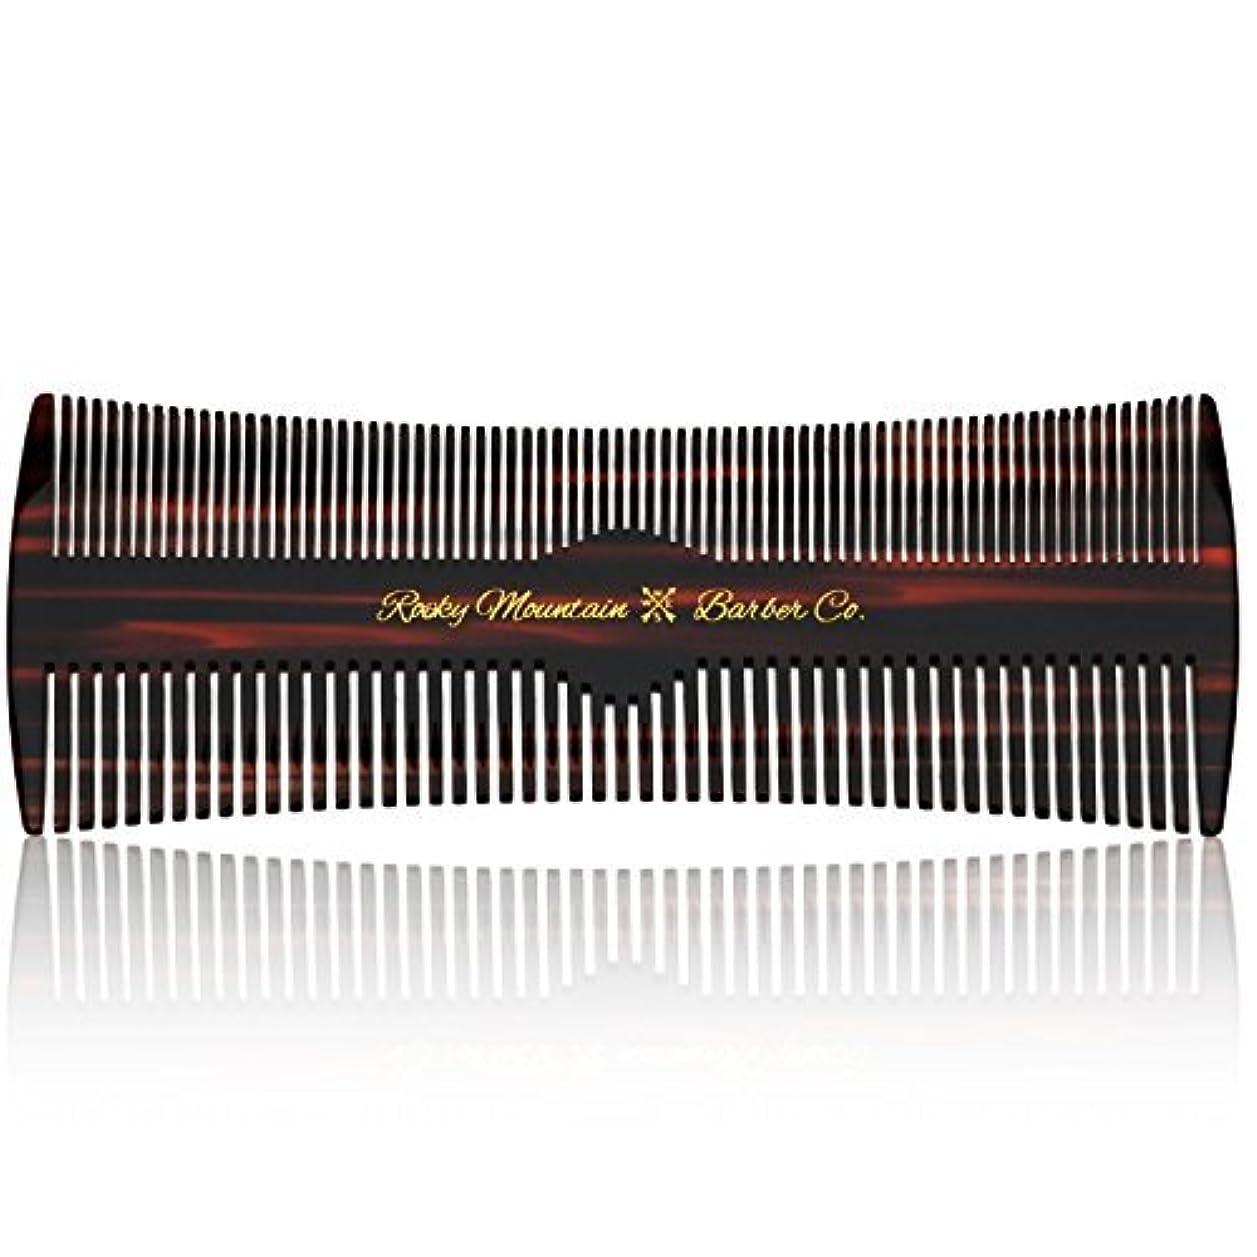 栄光一元化する抜粋Hair Comb - Fine and Medium Tooth Comb for Head Hair, Beard, Mustache - Warp Resistant, No Snag Design with Contour...